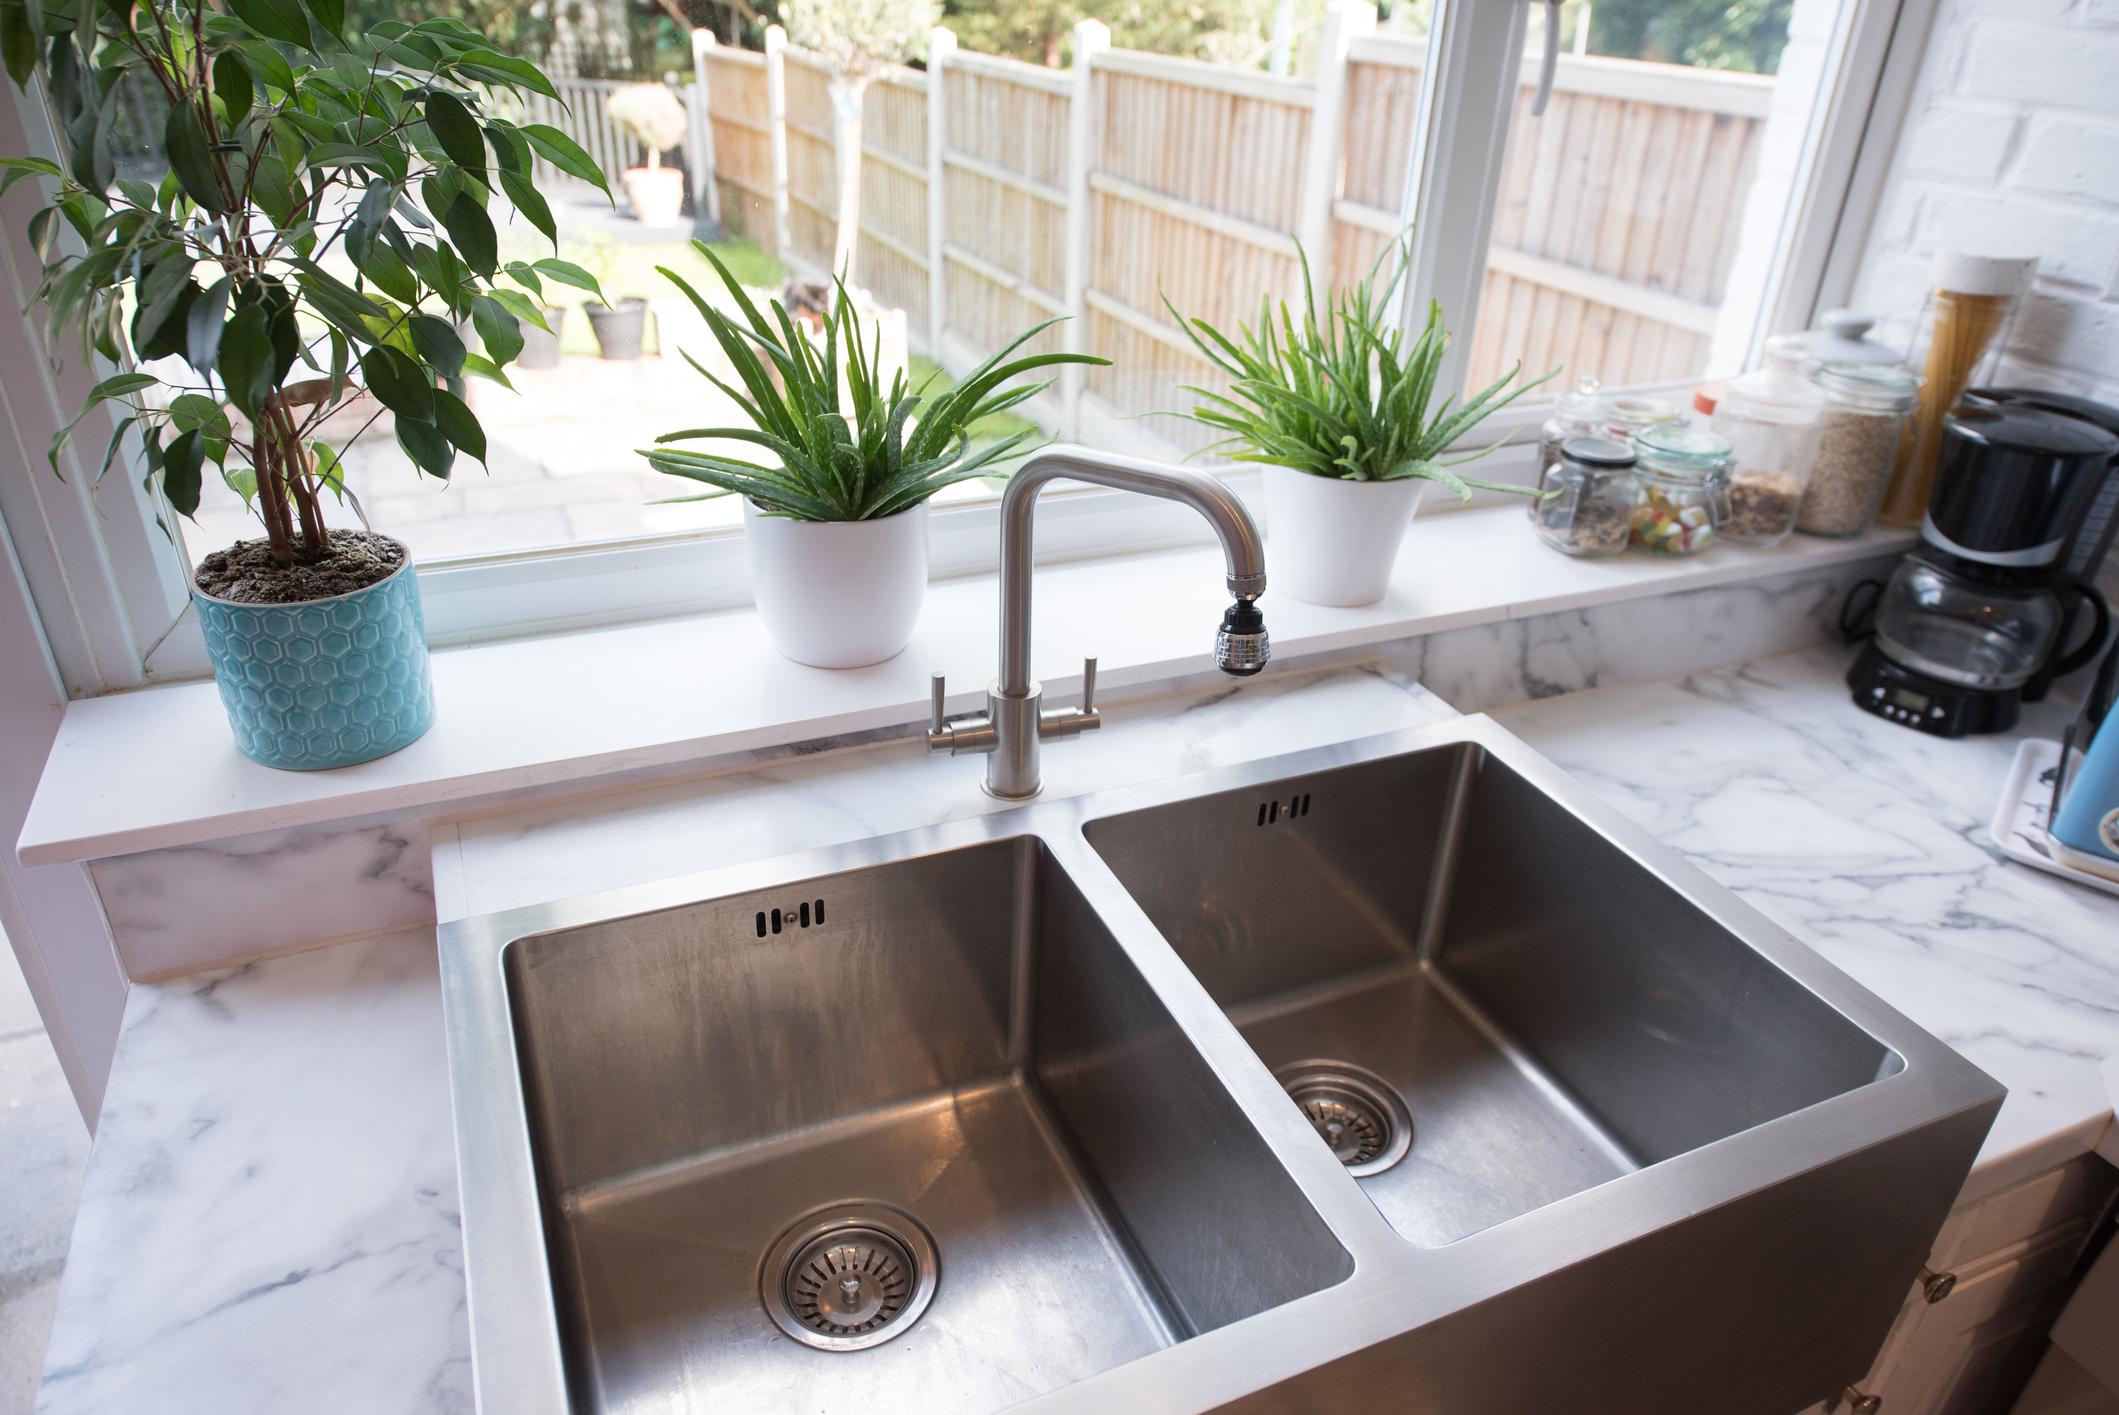 Ini 4 Cara Gampang Memperbaiki Tempat Cuci Piring yang Tersumbat